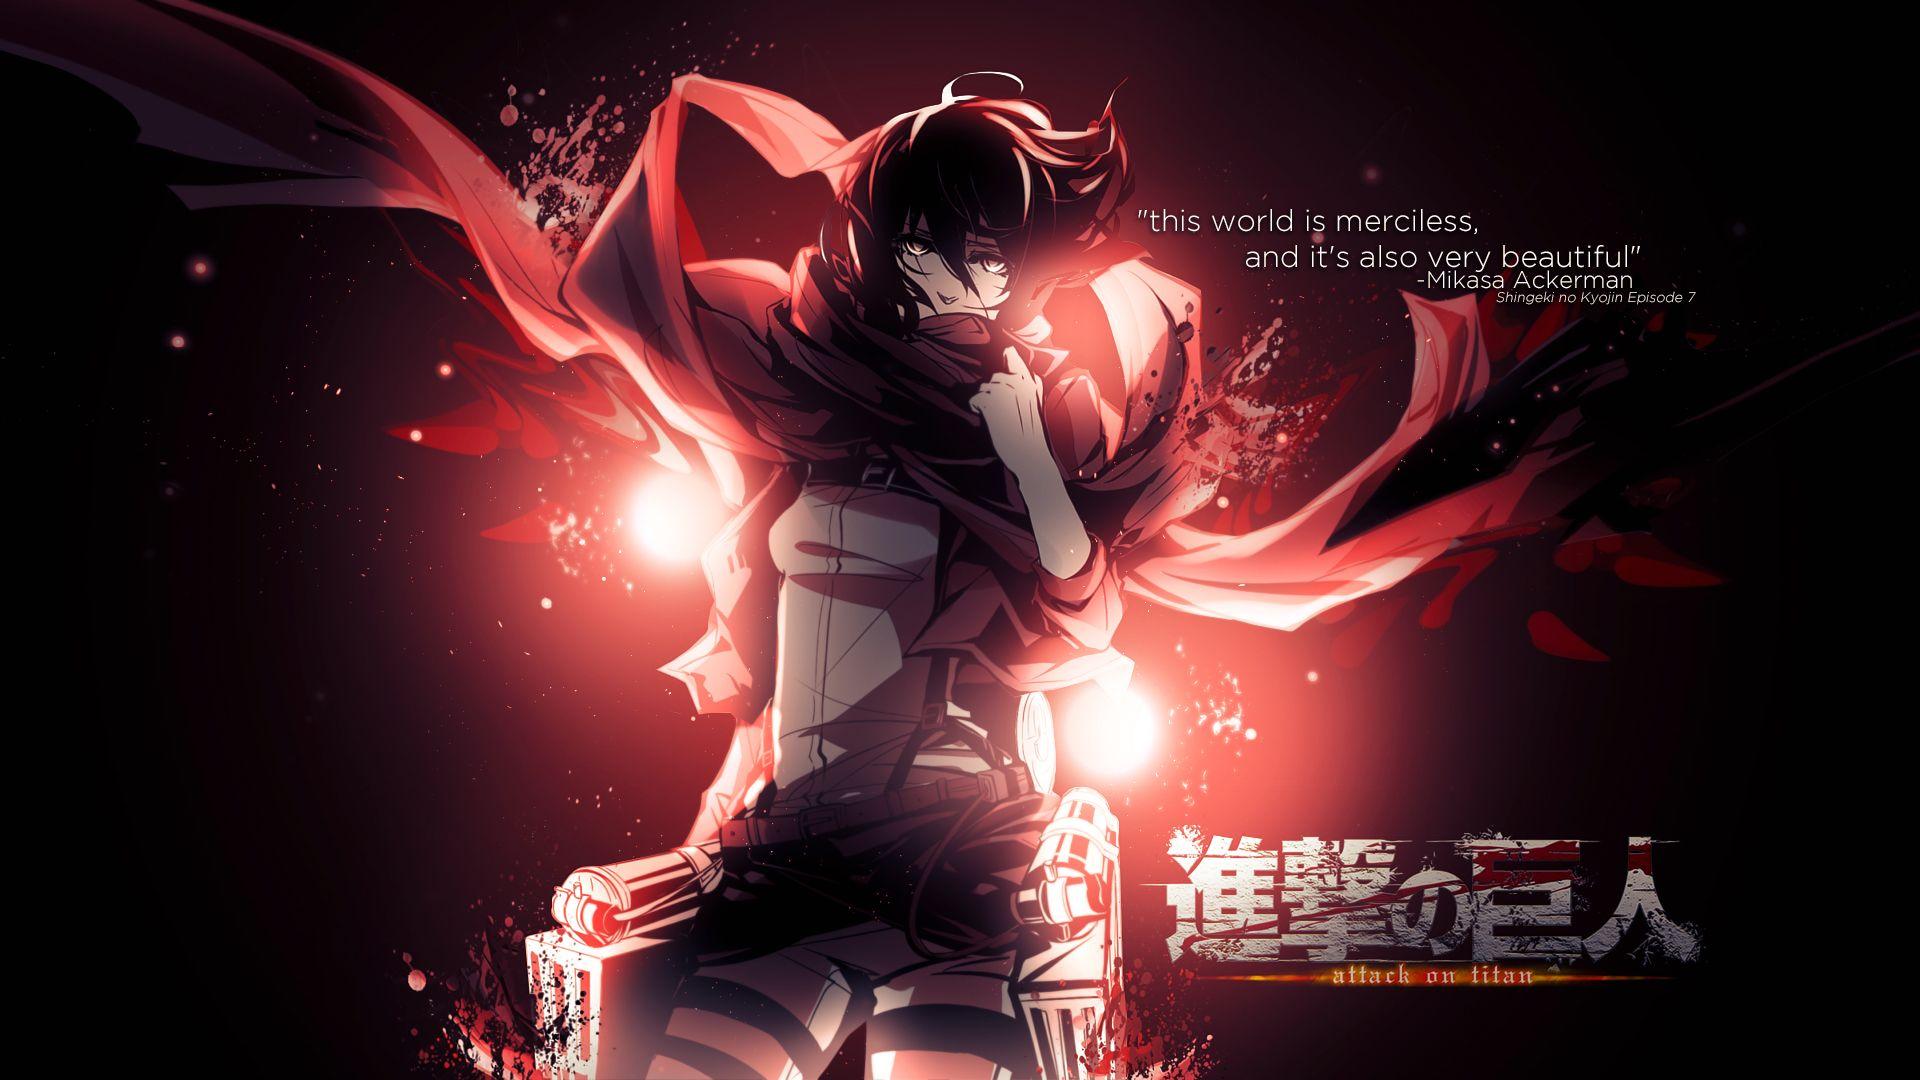 Anime Attack On Titan Mikasa Ackerman Shingeki No Kyojin Wallpaper Attack On Titan Cool Anime Wallpapers Anime Wallpaper